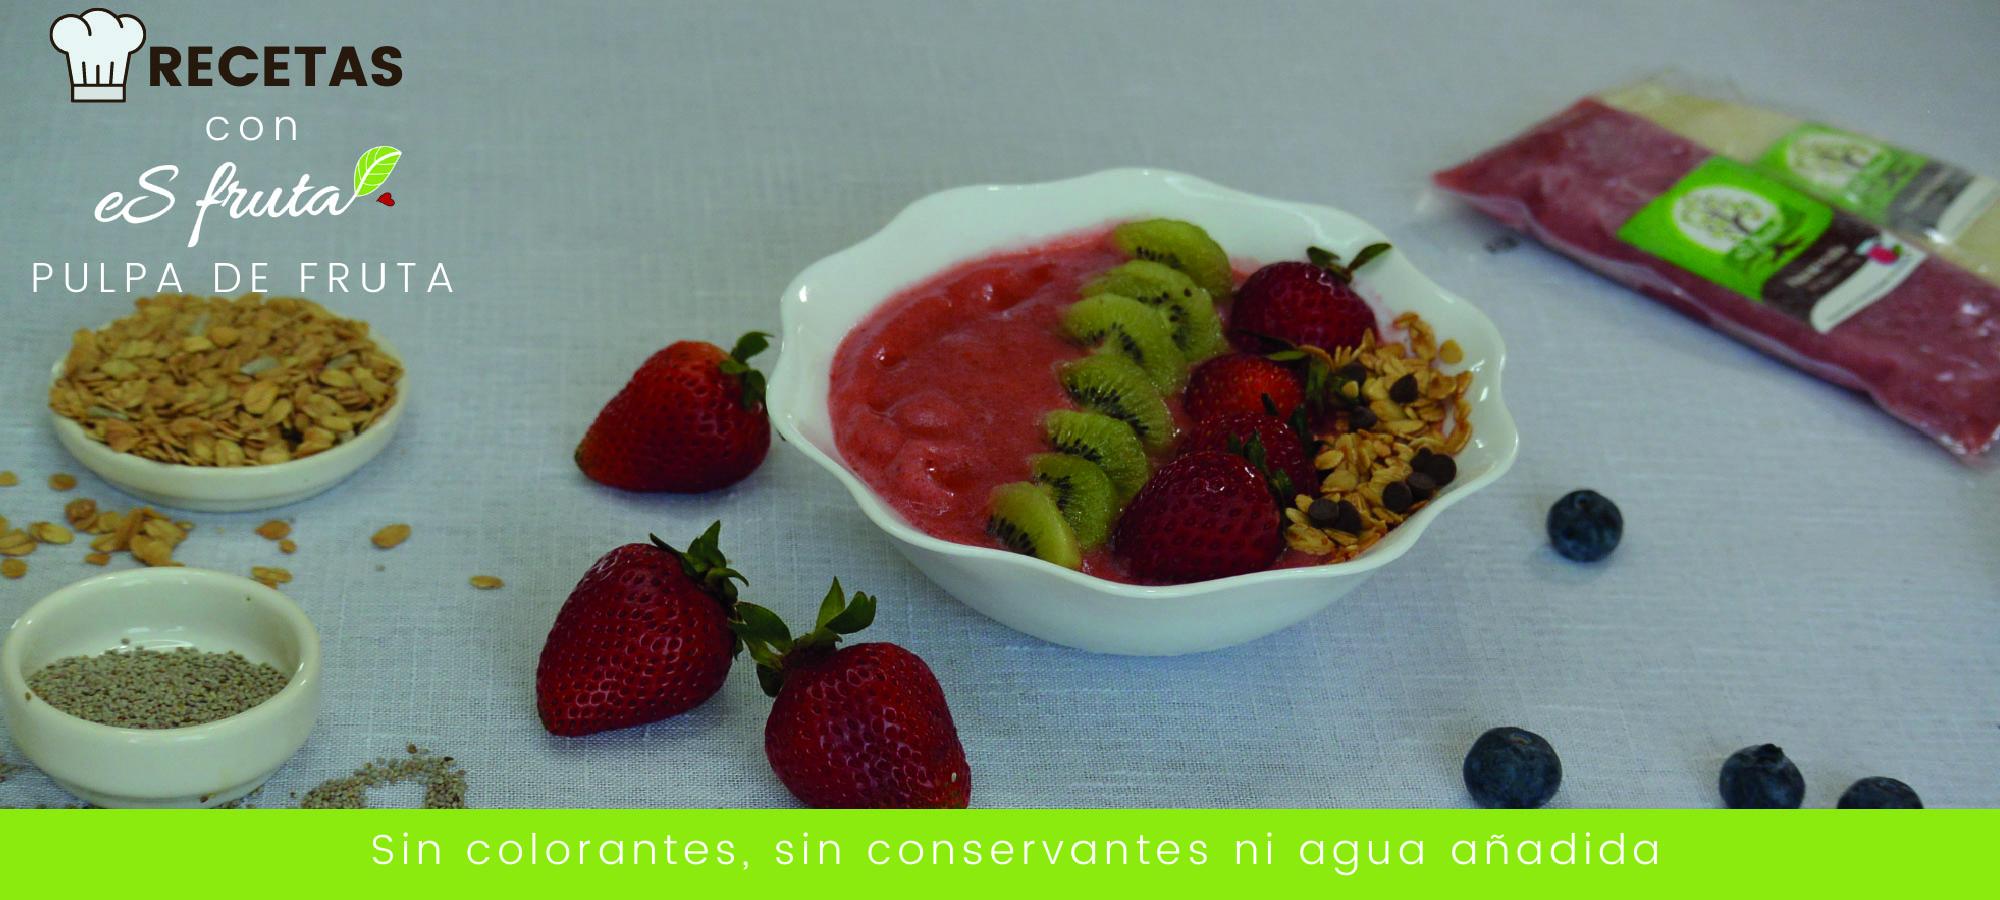 Recetas con Pulpa de Fruta Esfruta